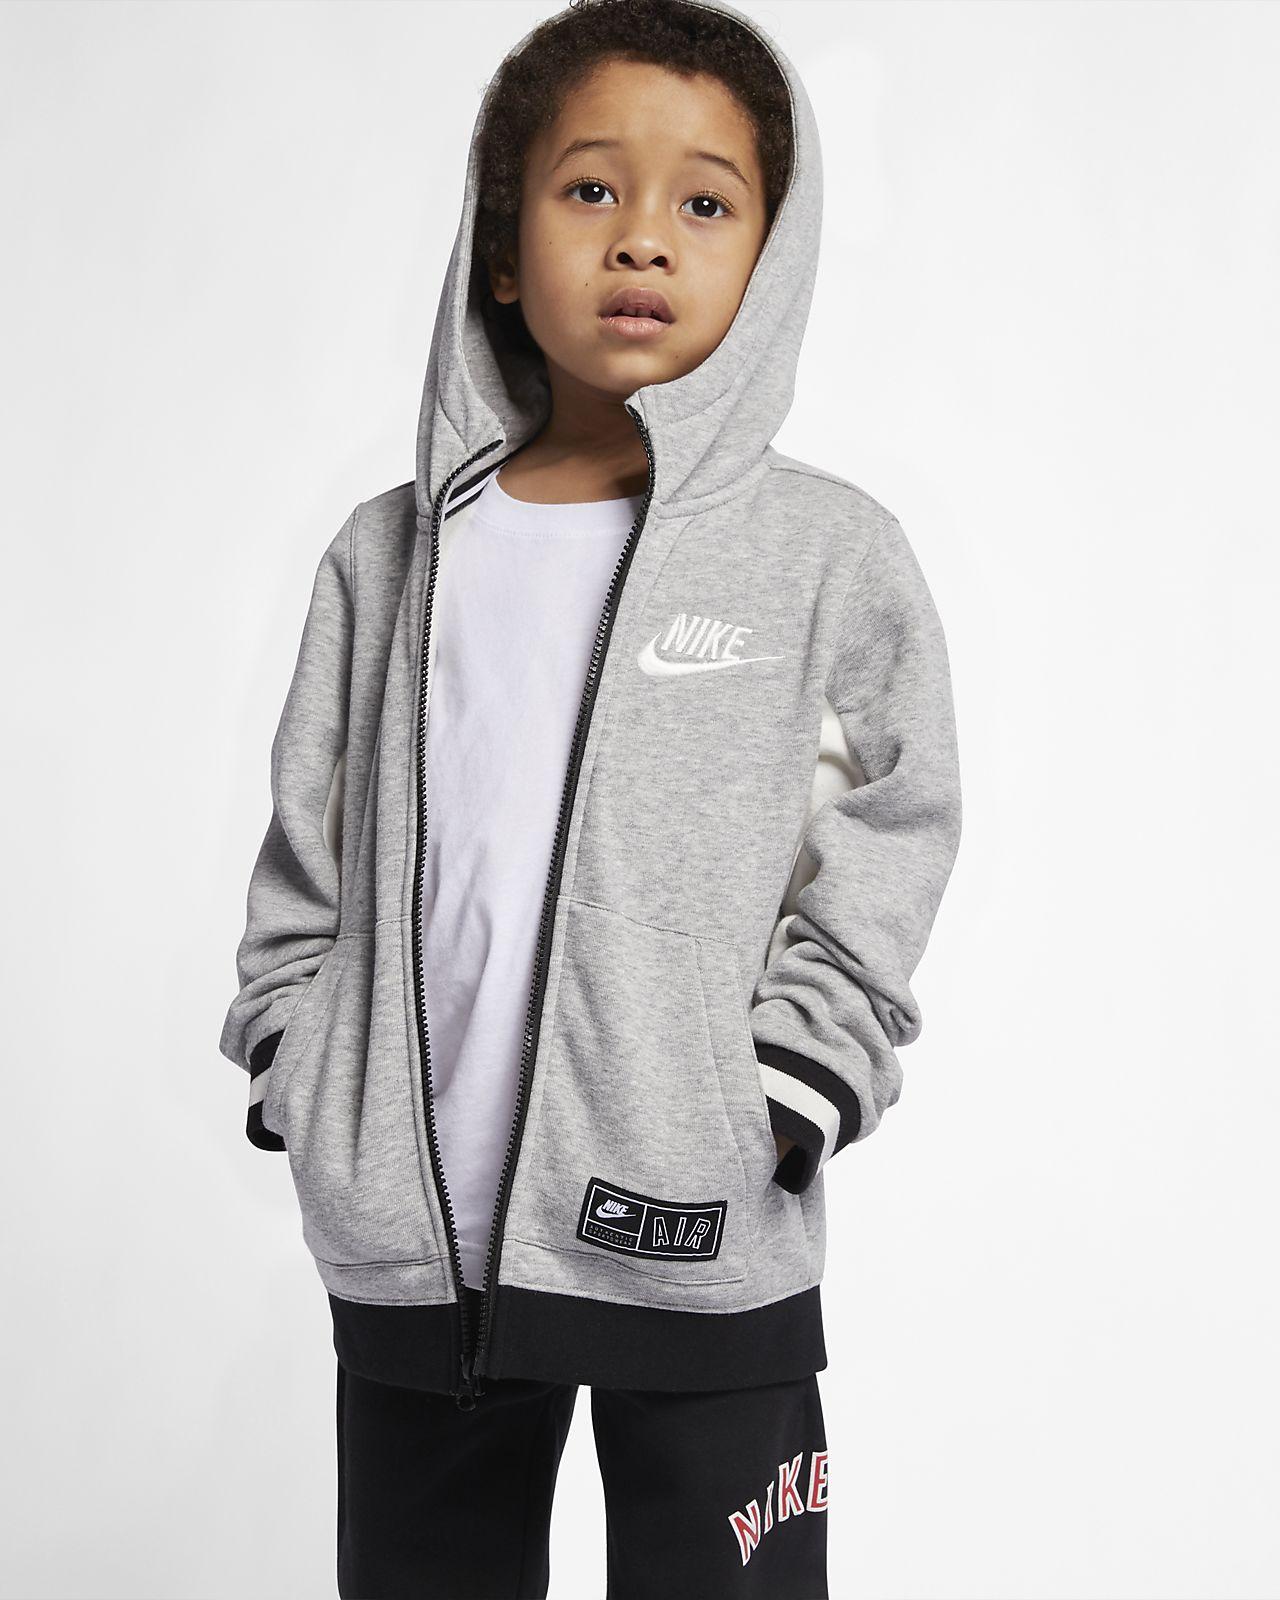 Nike Air Fleece-Hoodie mit durchgehendem Reißverschluss für jüngere Kinder (Jungen)